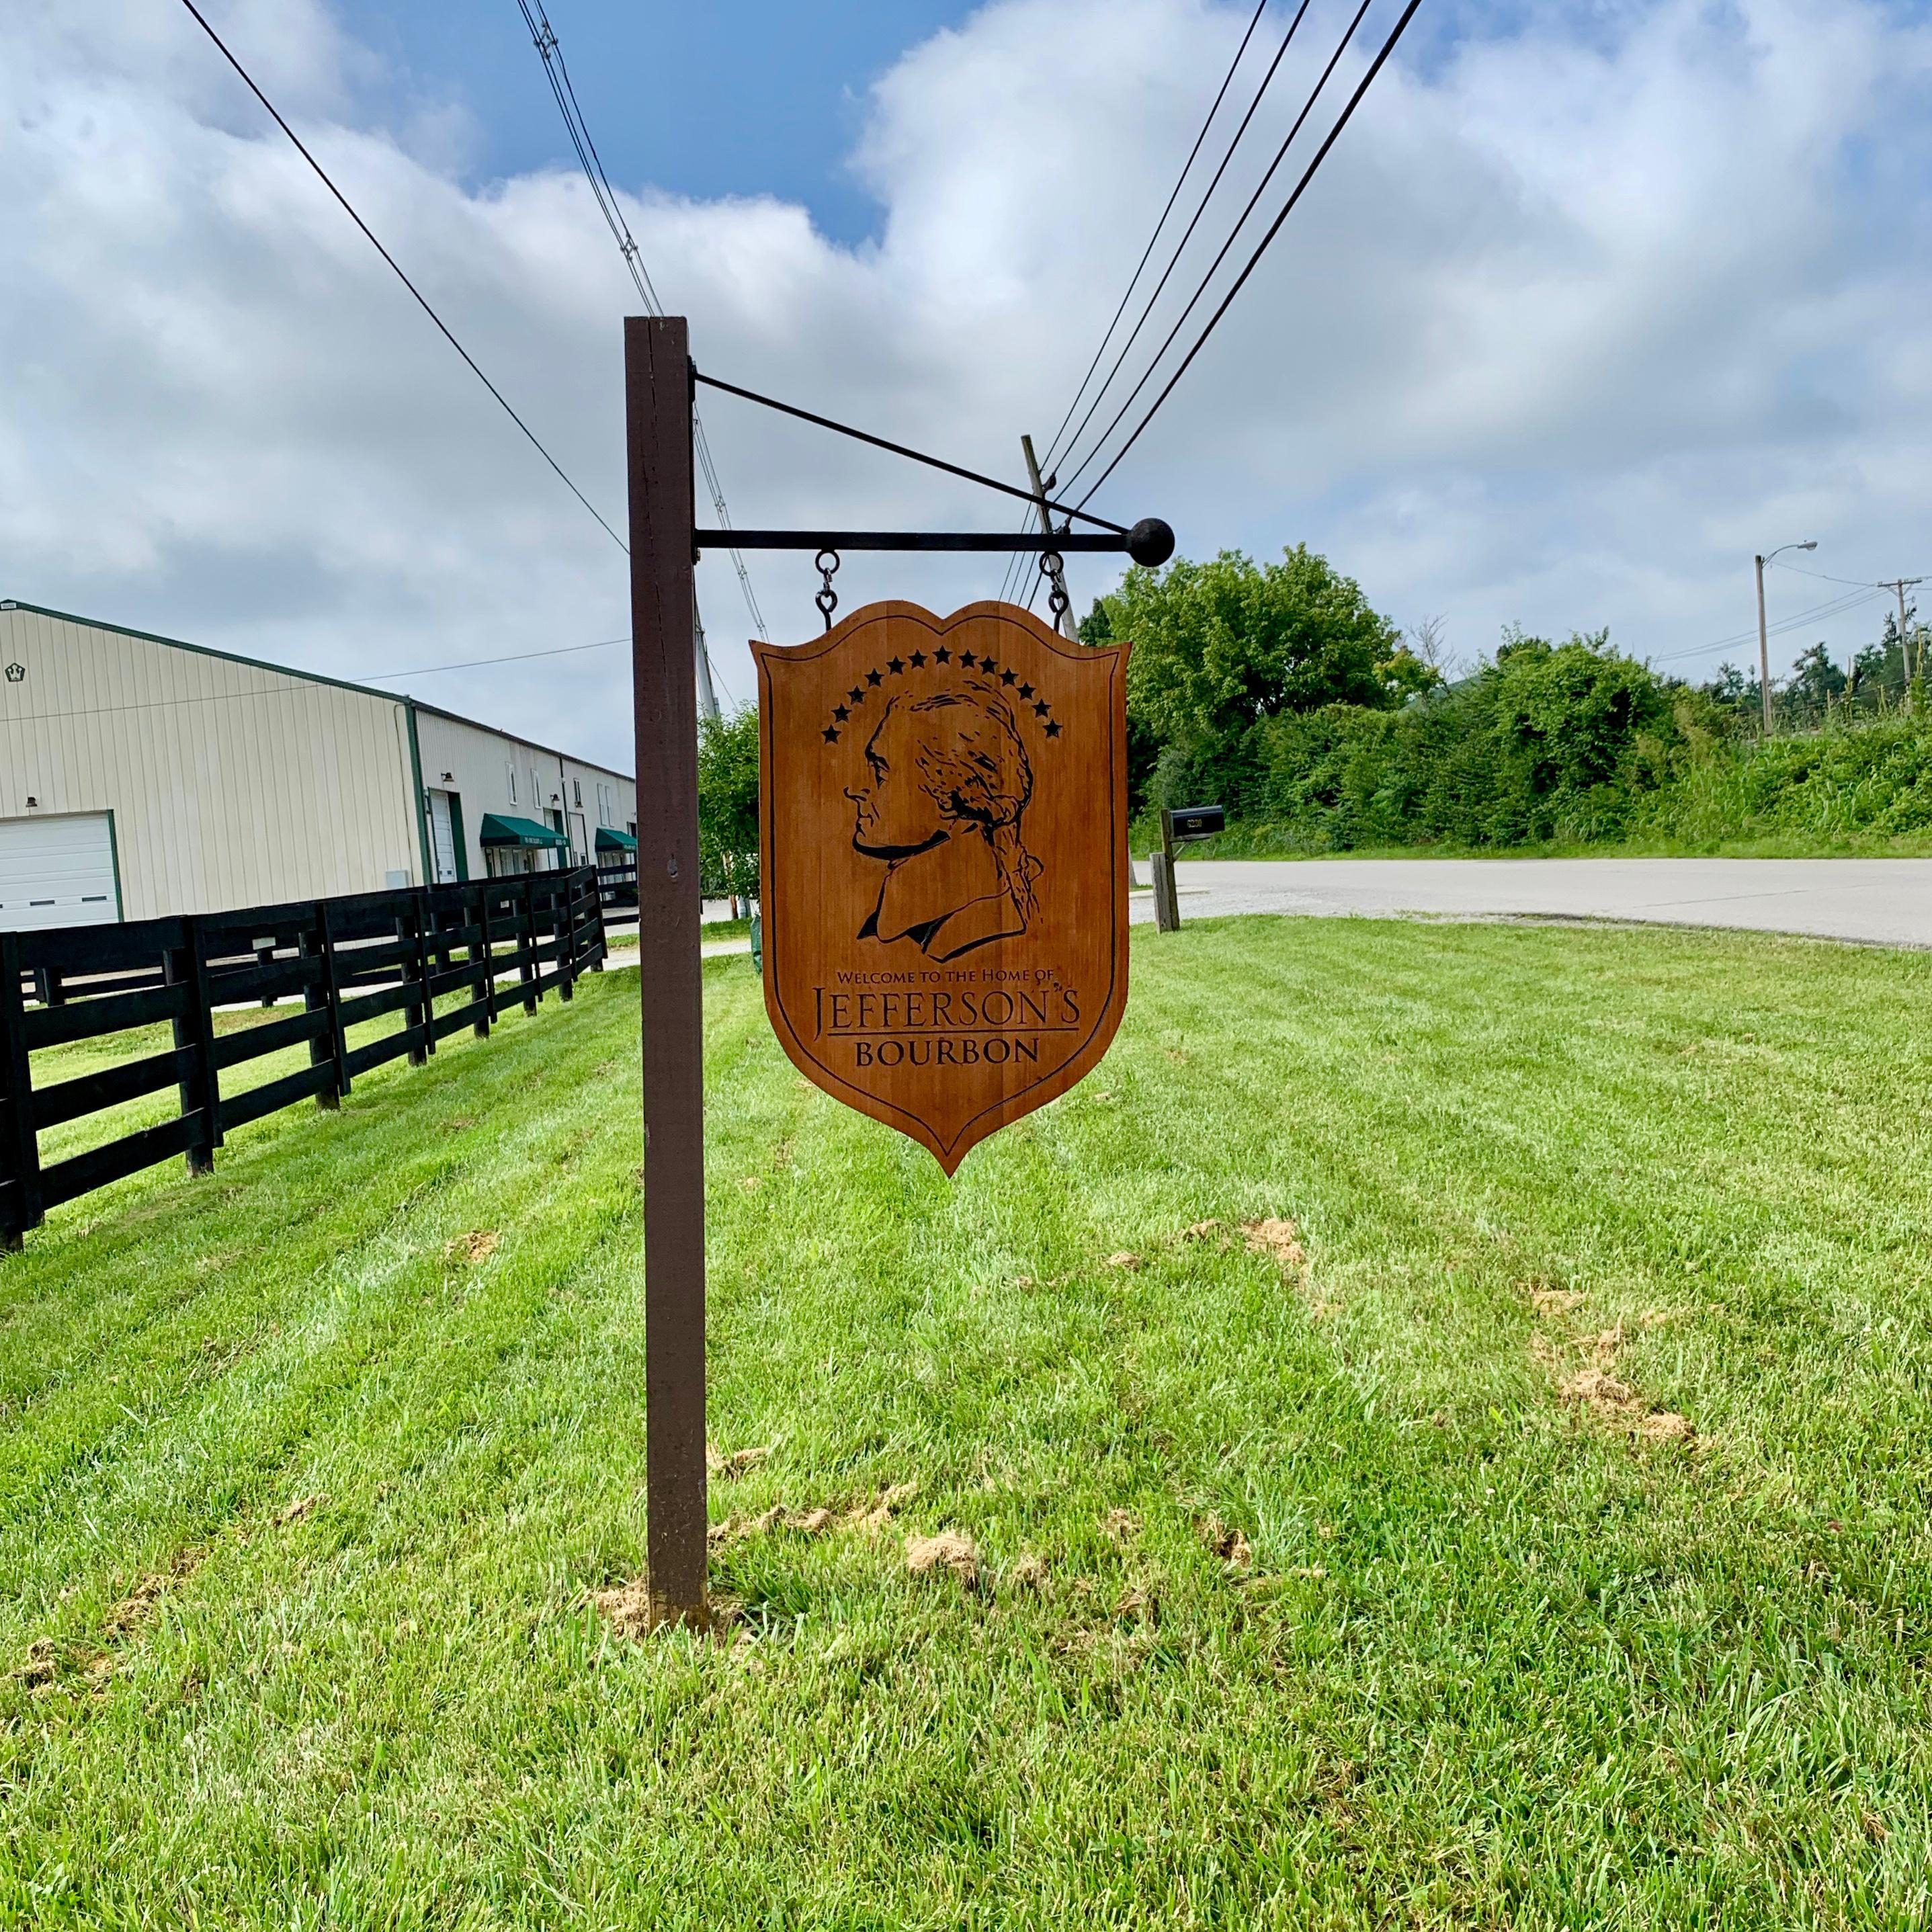 Home of Jefferson's Bourbon - Kentucky Artisan Distillery